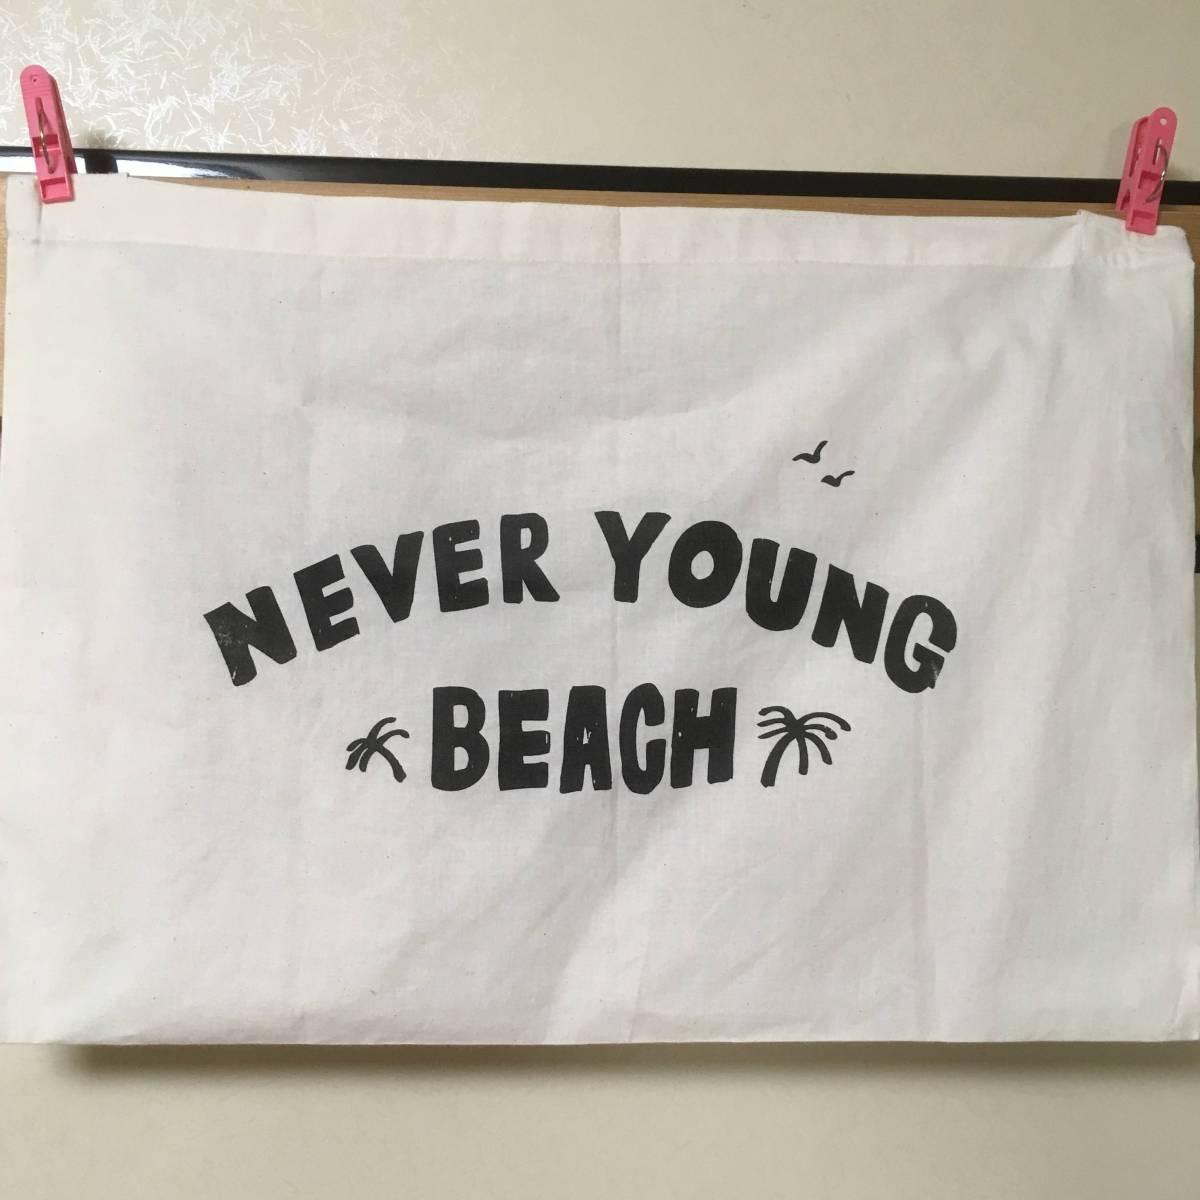 新品未使用☆never young beach トートバッグ 初期グッズ ネバヤン グッズ yogee suchmos cero ヨギー サチモス セロ☆